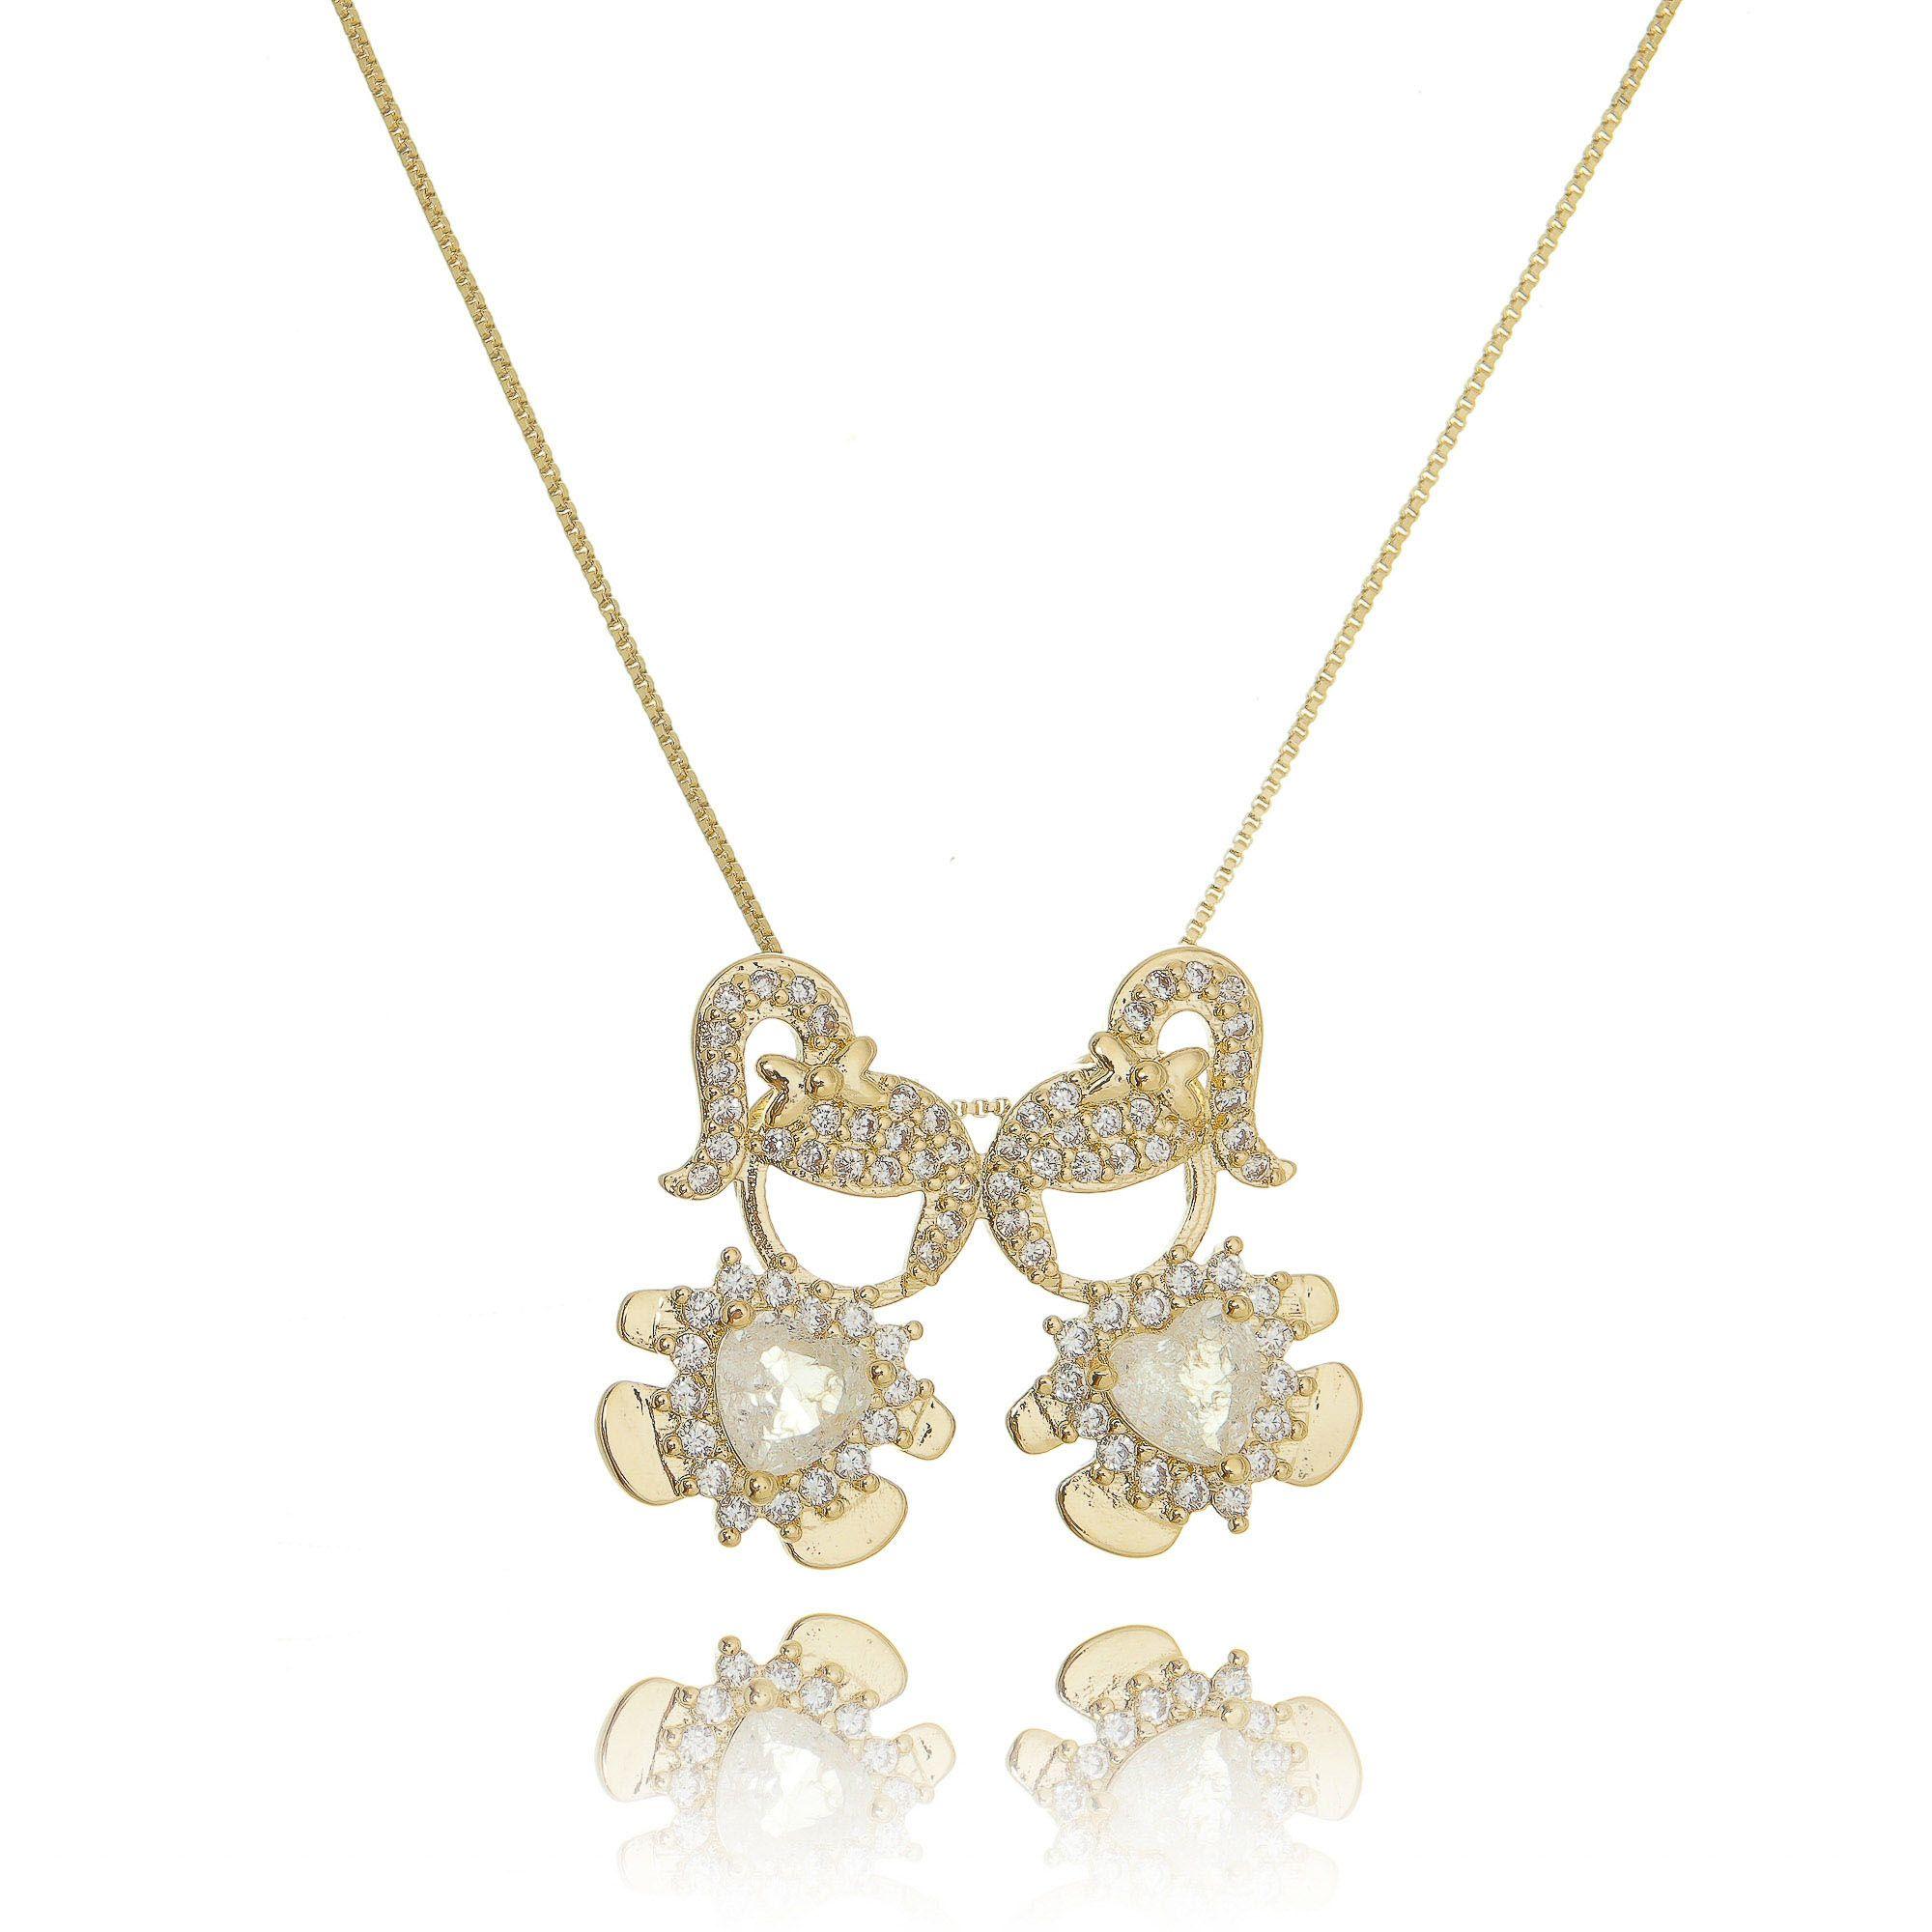 58c37d043d2e1 Colar 2 Meninas Dourado Fusion Cristal e Zircônia Semijoia Ouro 18K -  SOLOYOU ...